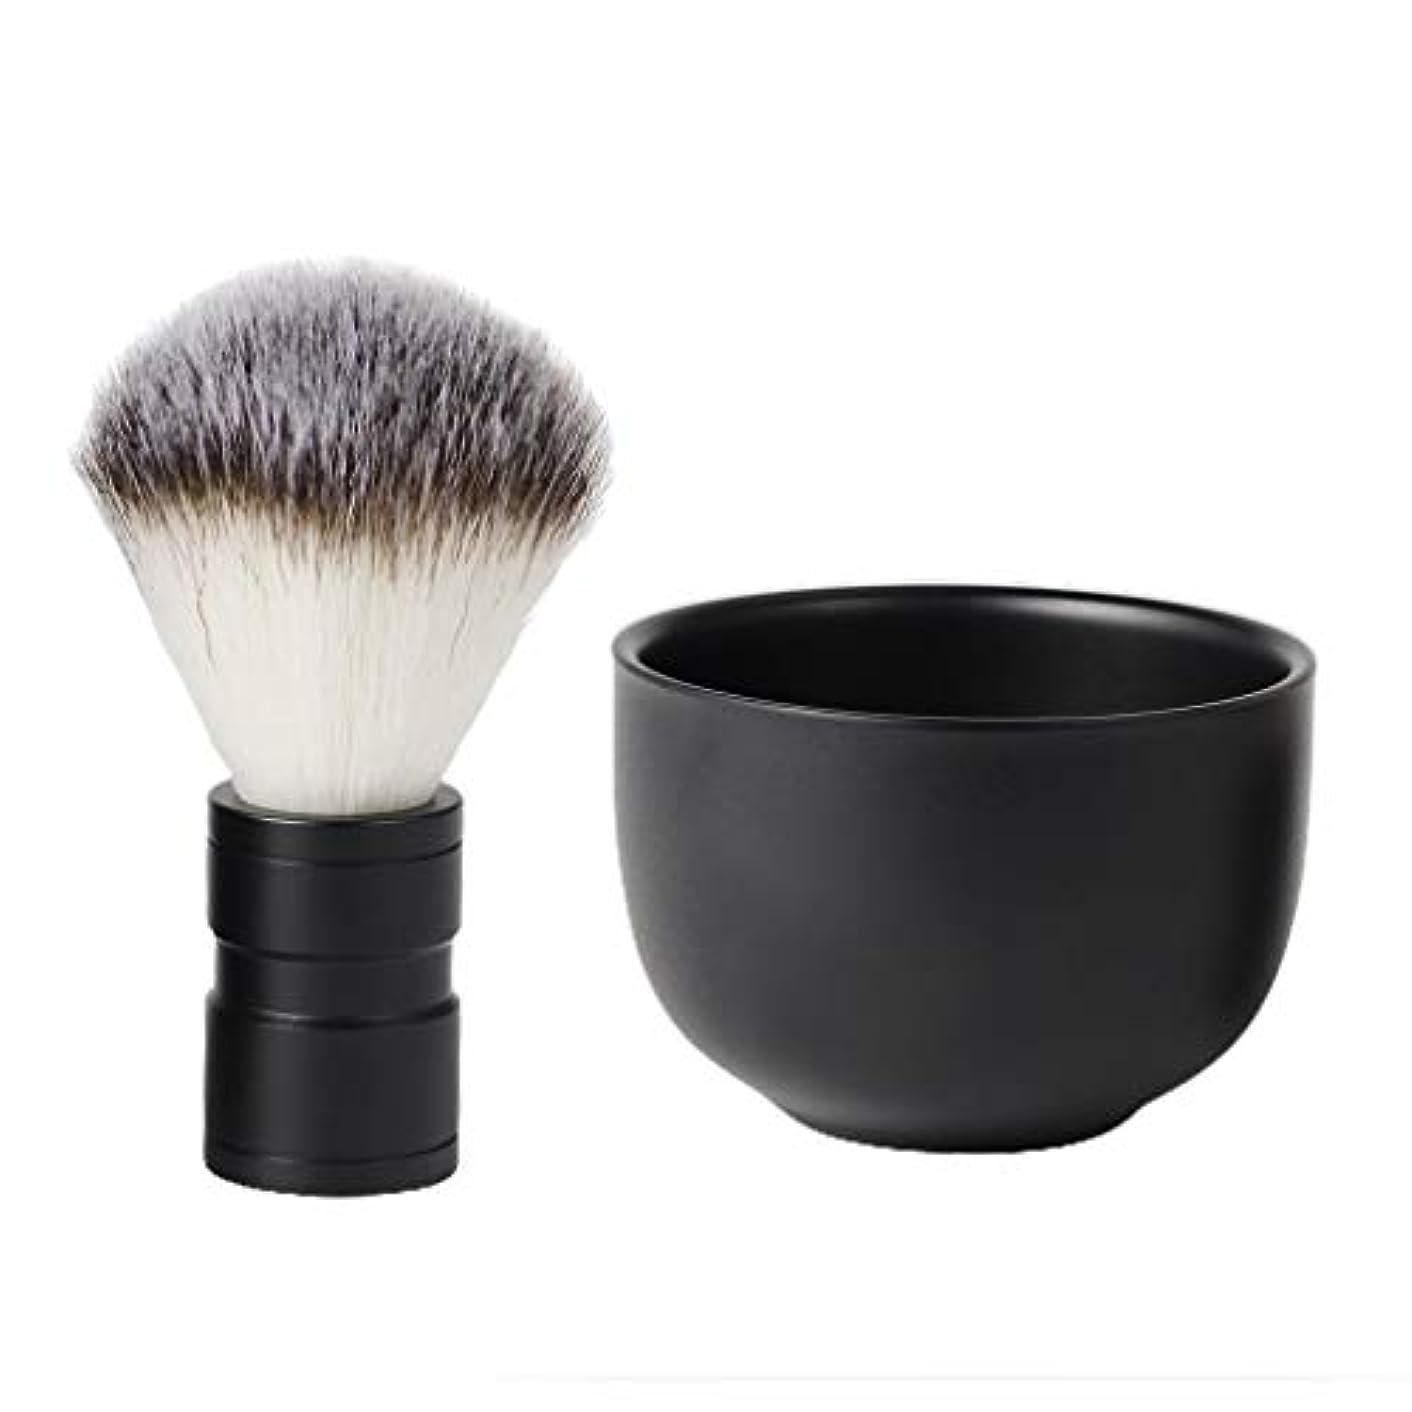 構造洗剤パトワHellery メンズ シェービングセット ひげブラシ 髭剃り シェービングブラシ シェービング石鹸ボウル